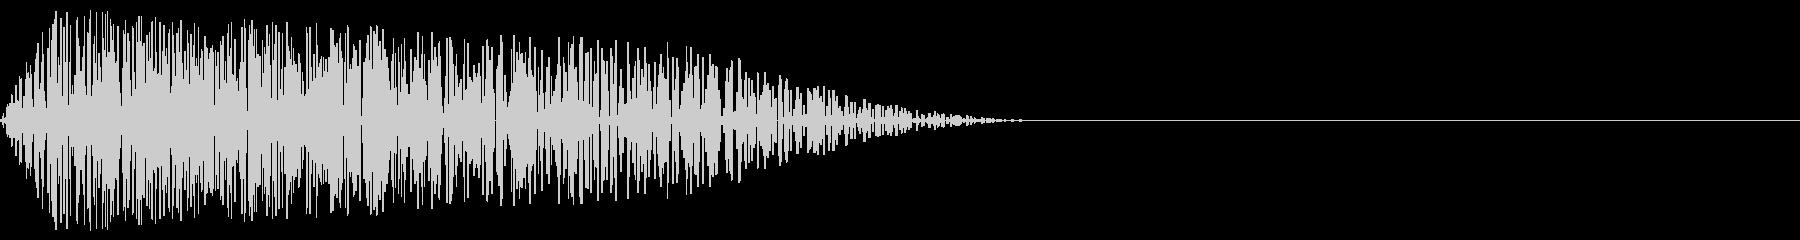 シュ!(攻撃/アタック/パンチファミコンの未再生の波形